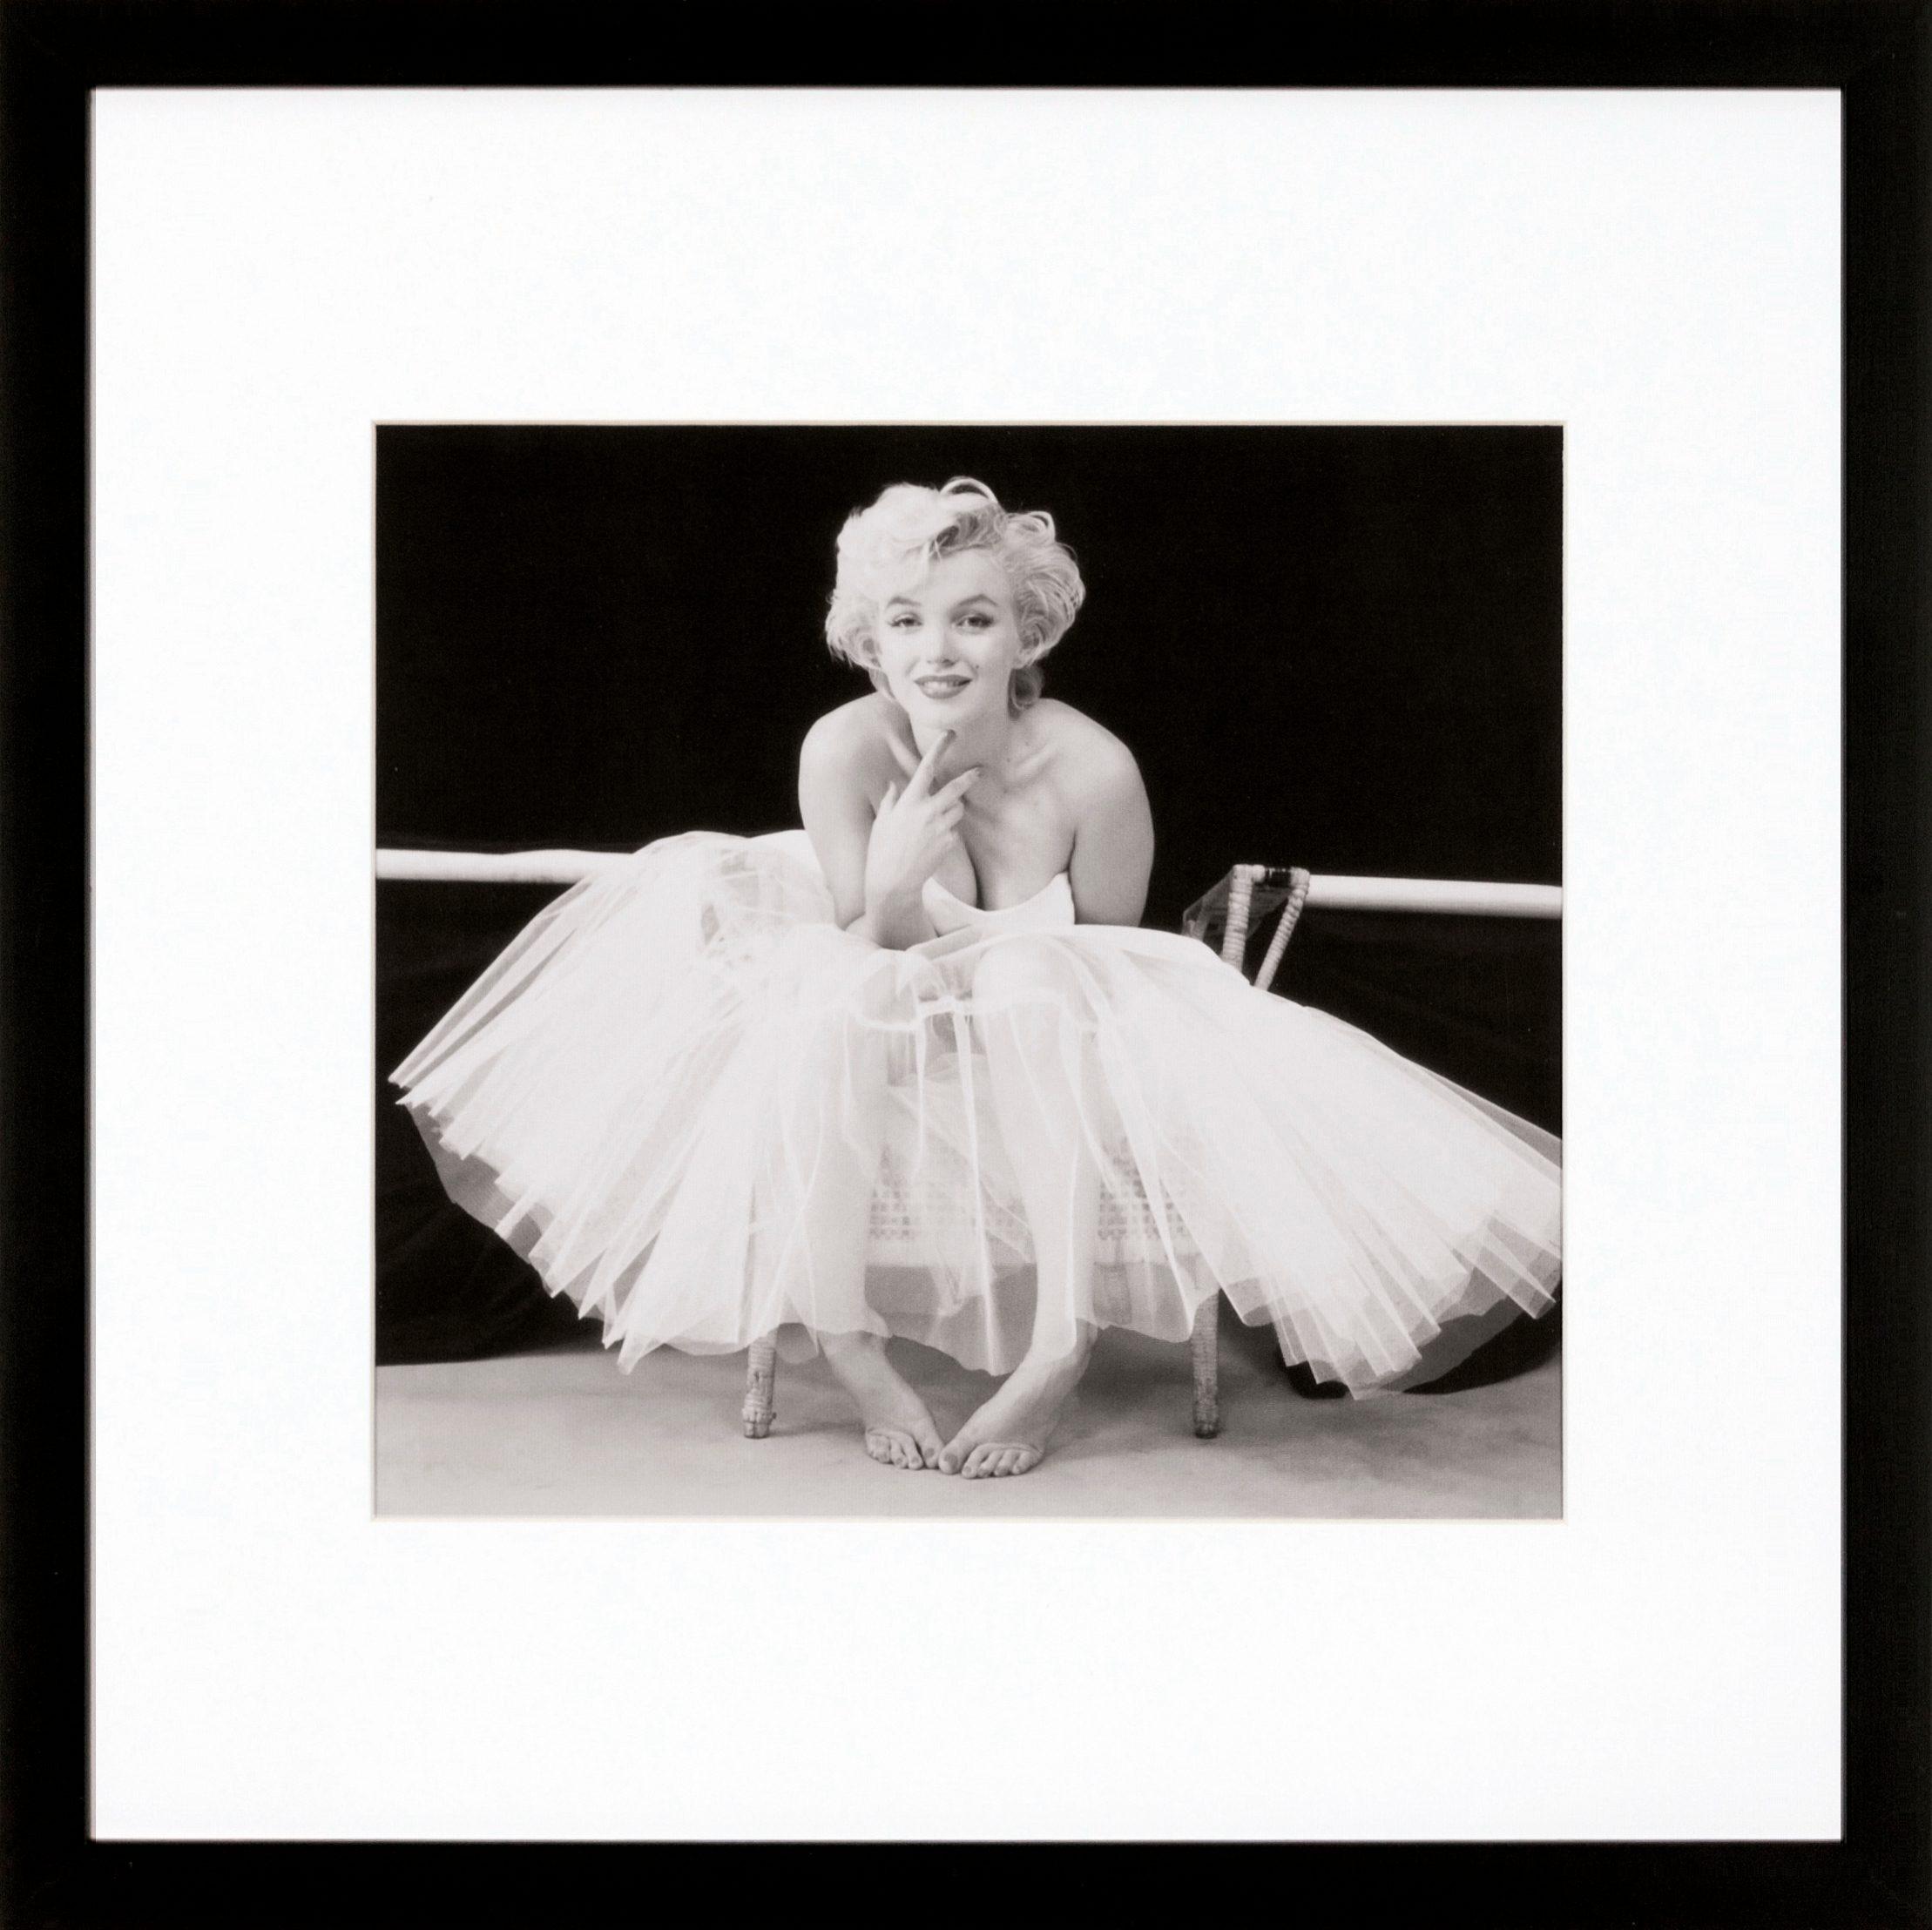 G&C gerahmte Fotografie »Marilyn Monroe Motiv 1«, 40/40 cm